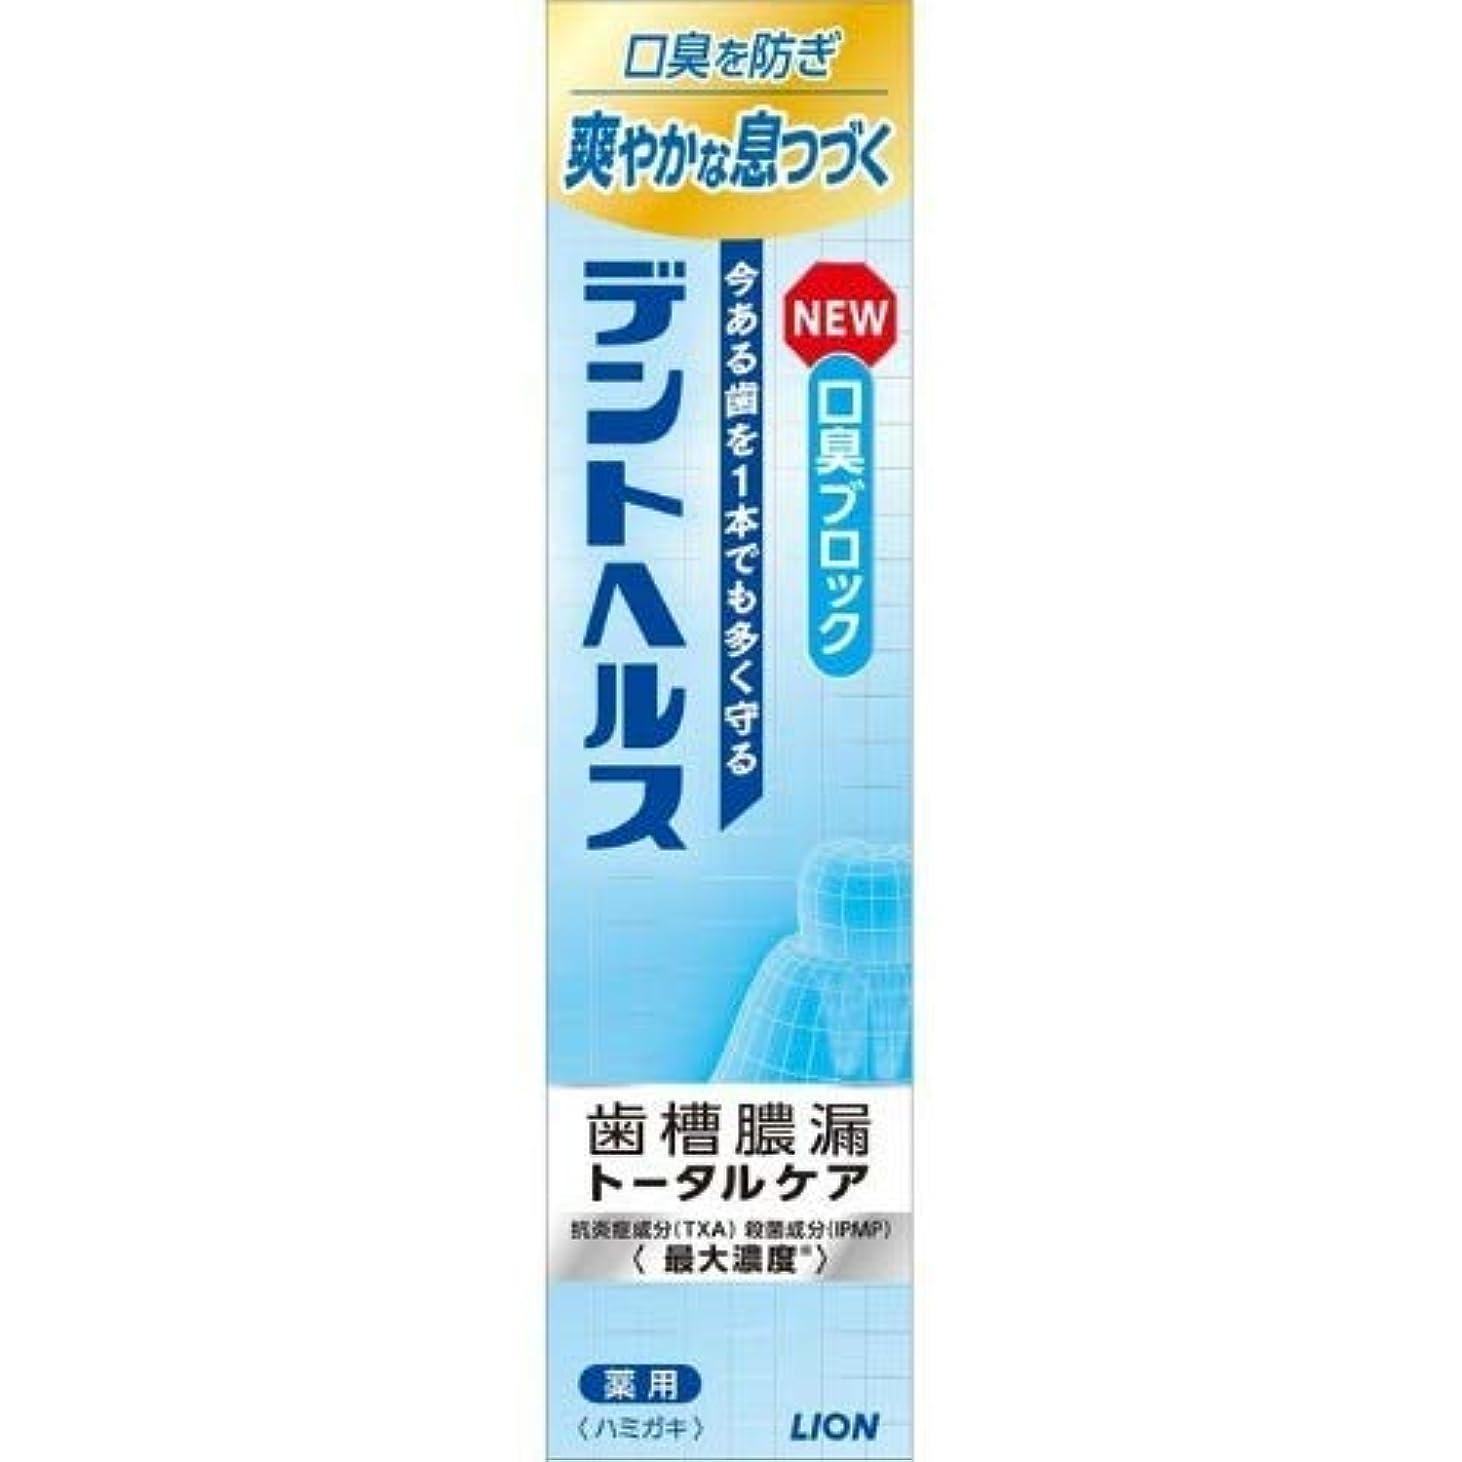 クラフトボールミュージカルデントヘルス薬用ハミガキ 口臭ブロック115G × 4個セット